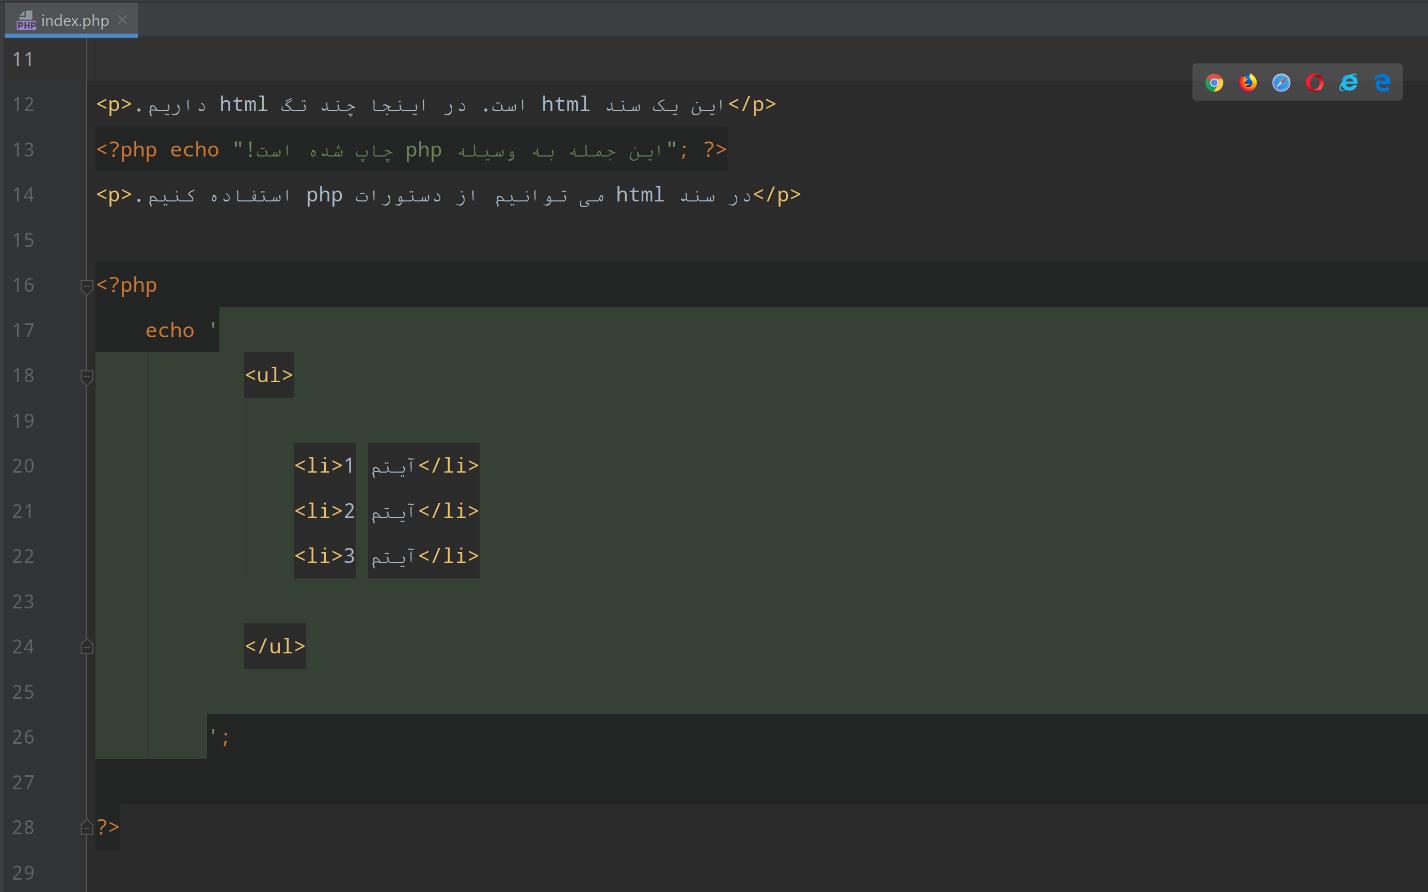 تعریف style در هنگام آموزش نصب php